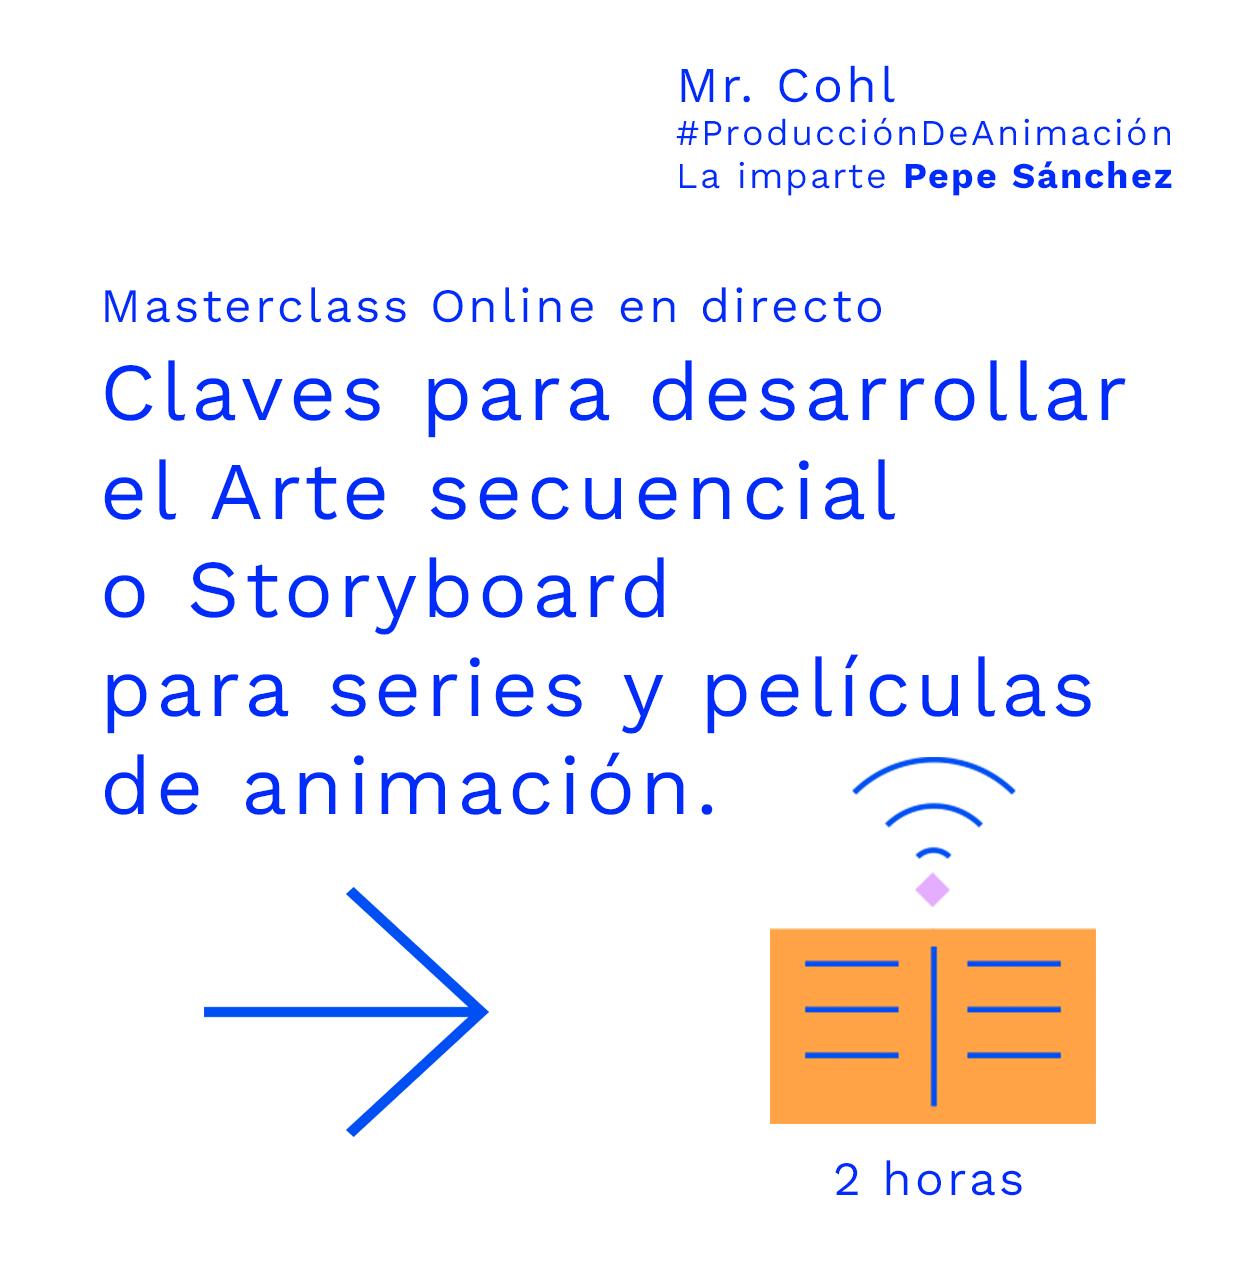 Masterclass: Claves para desarrollar el Arte secuencial o Storyboard para series y películas de animación